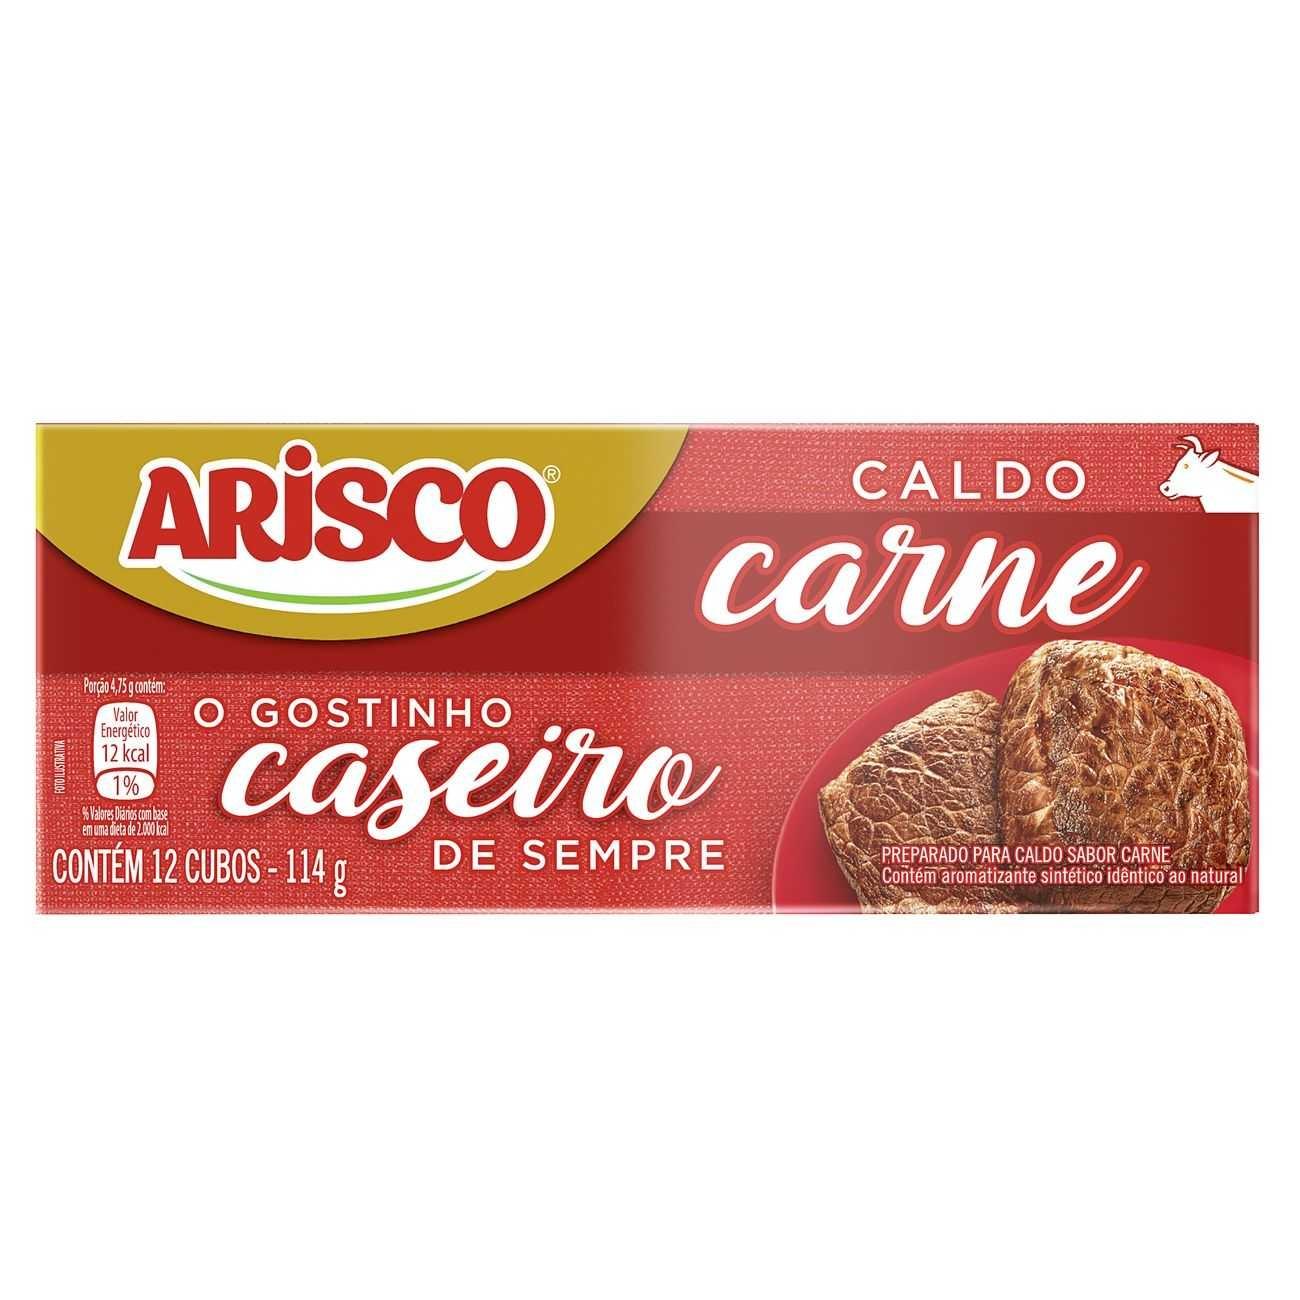 CART CALDO ARISCO CARNE 1X114G (80)